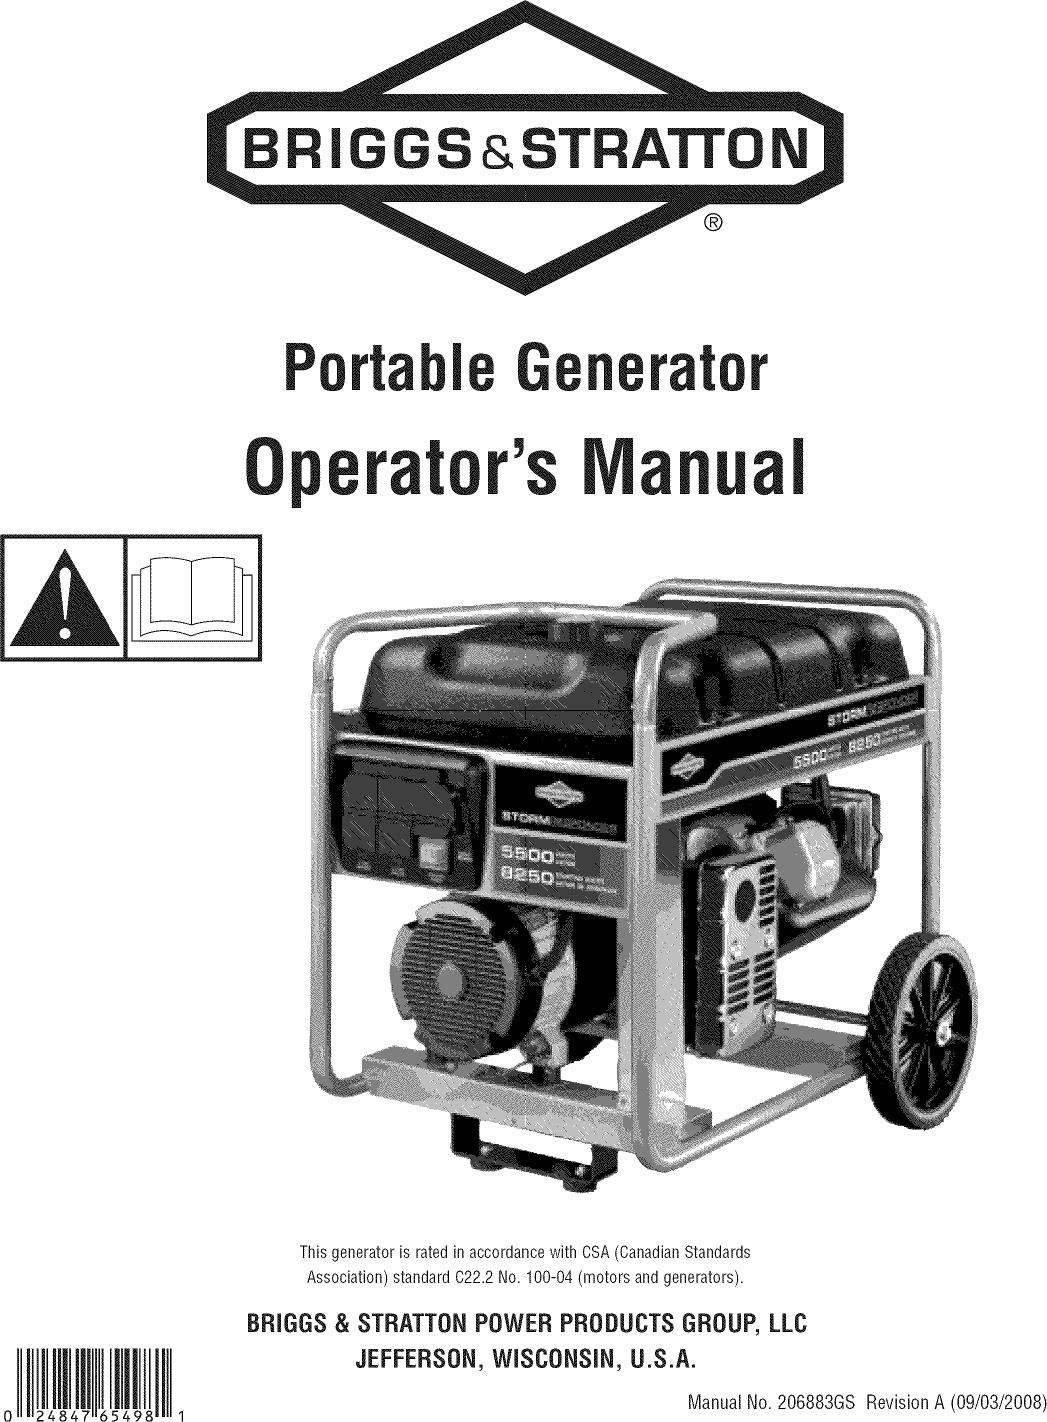 Briggs And Stratton 302434 Manual Guide